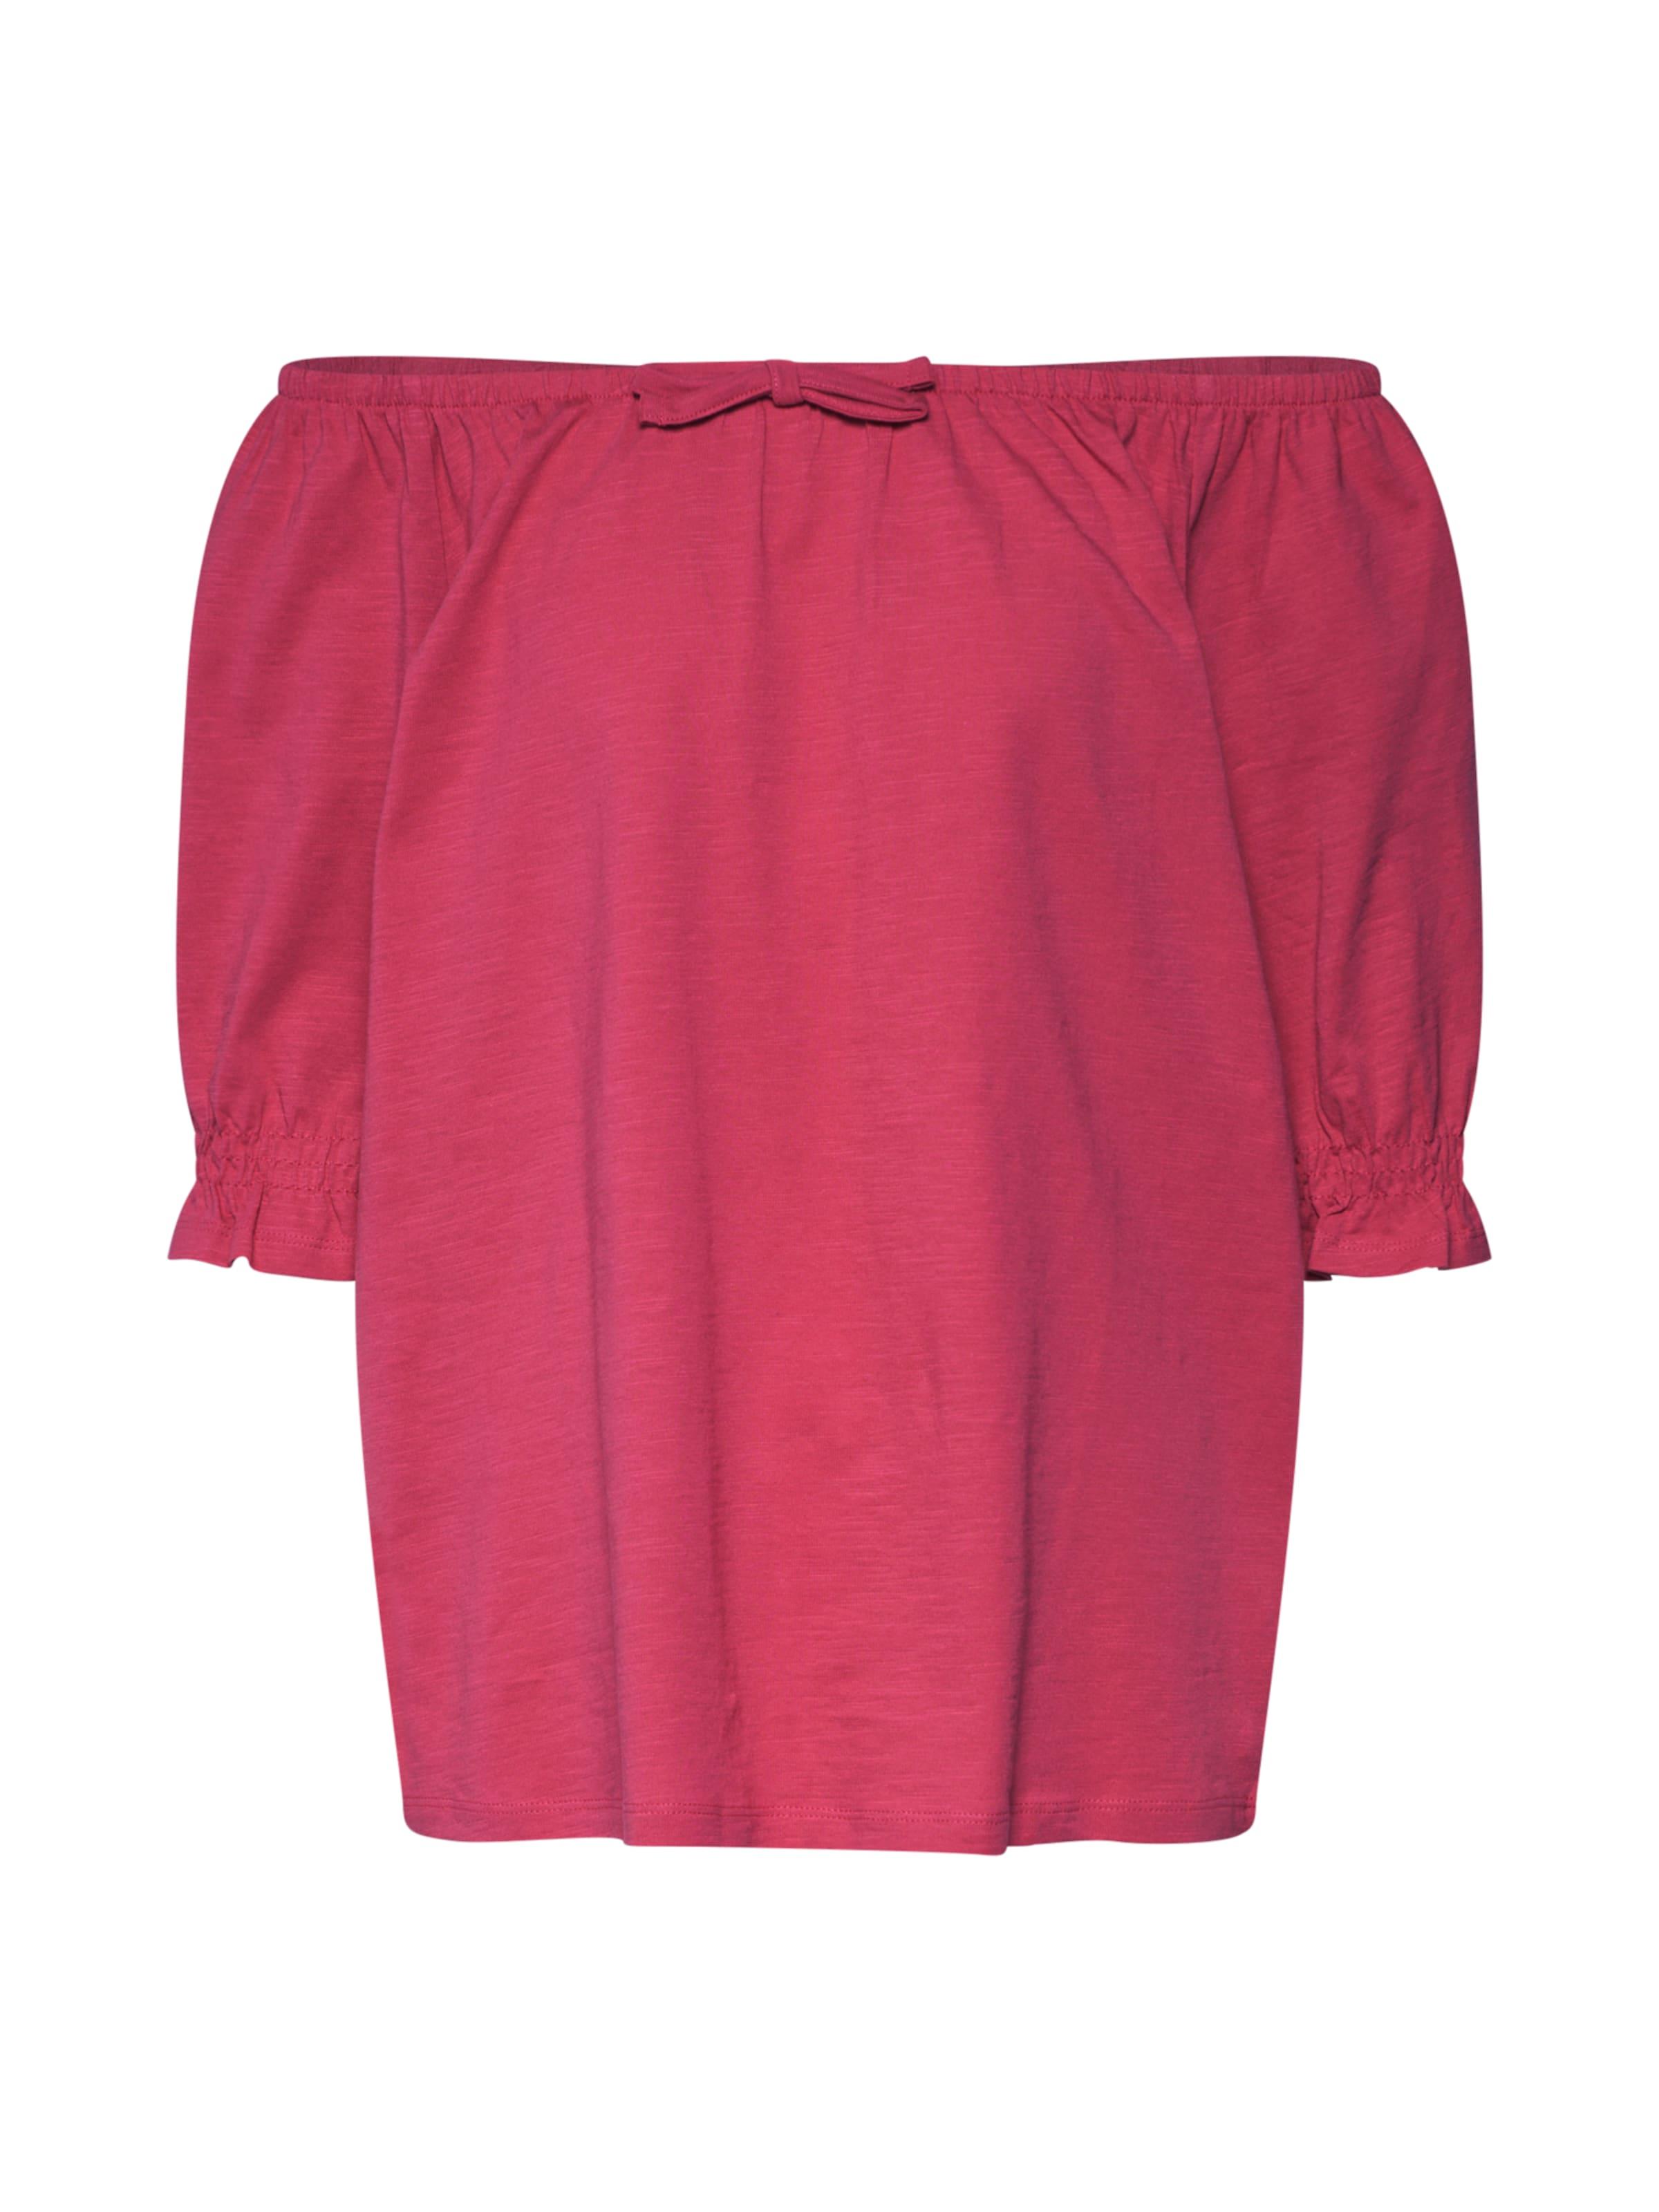 'ocs In Esprit Shirt Carmen T' Fuchsia lJTK1Fc3